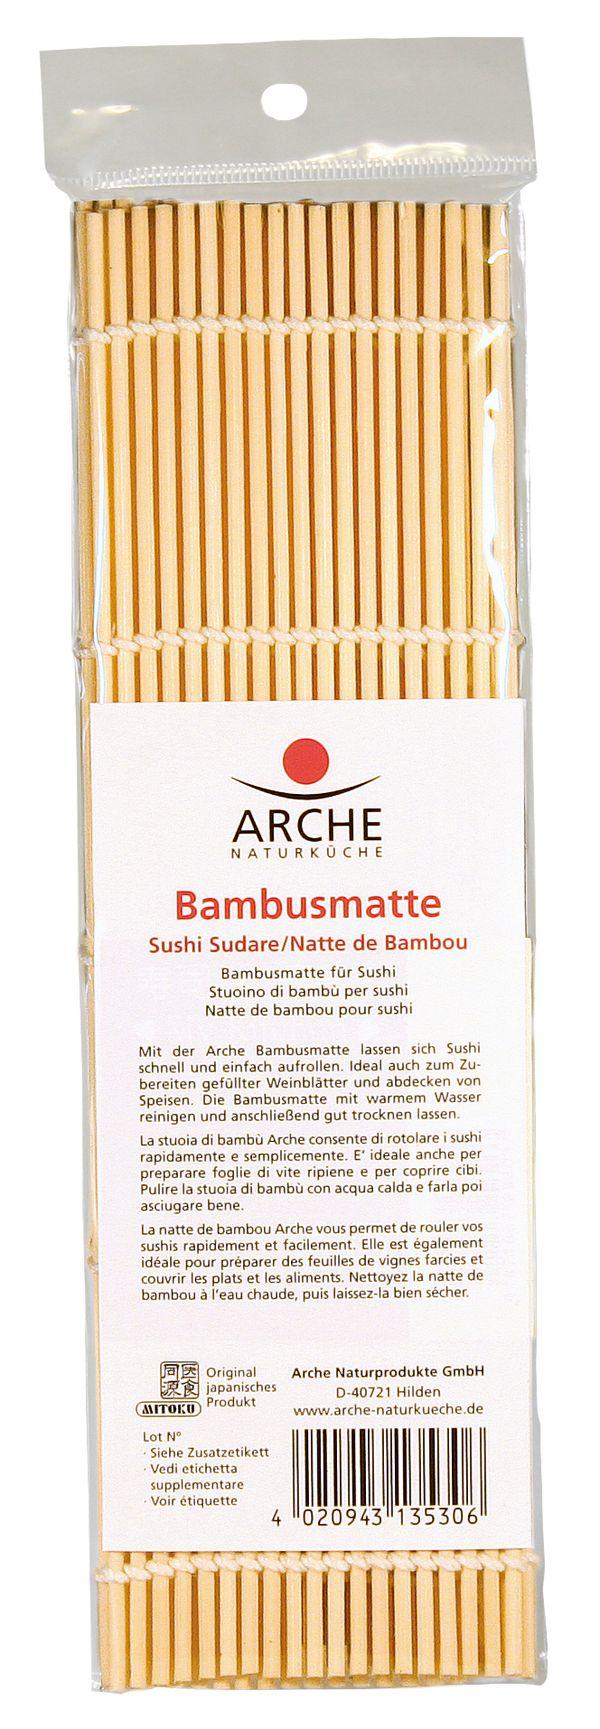 ARCHE en estera de bambú sushi